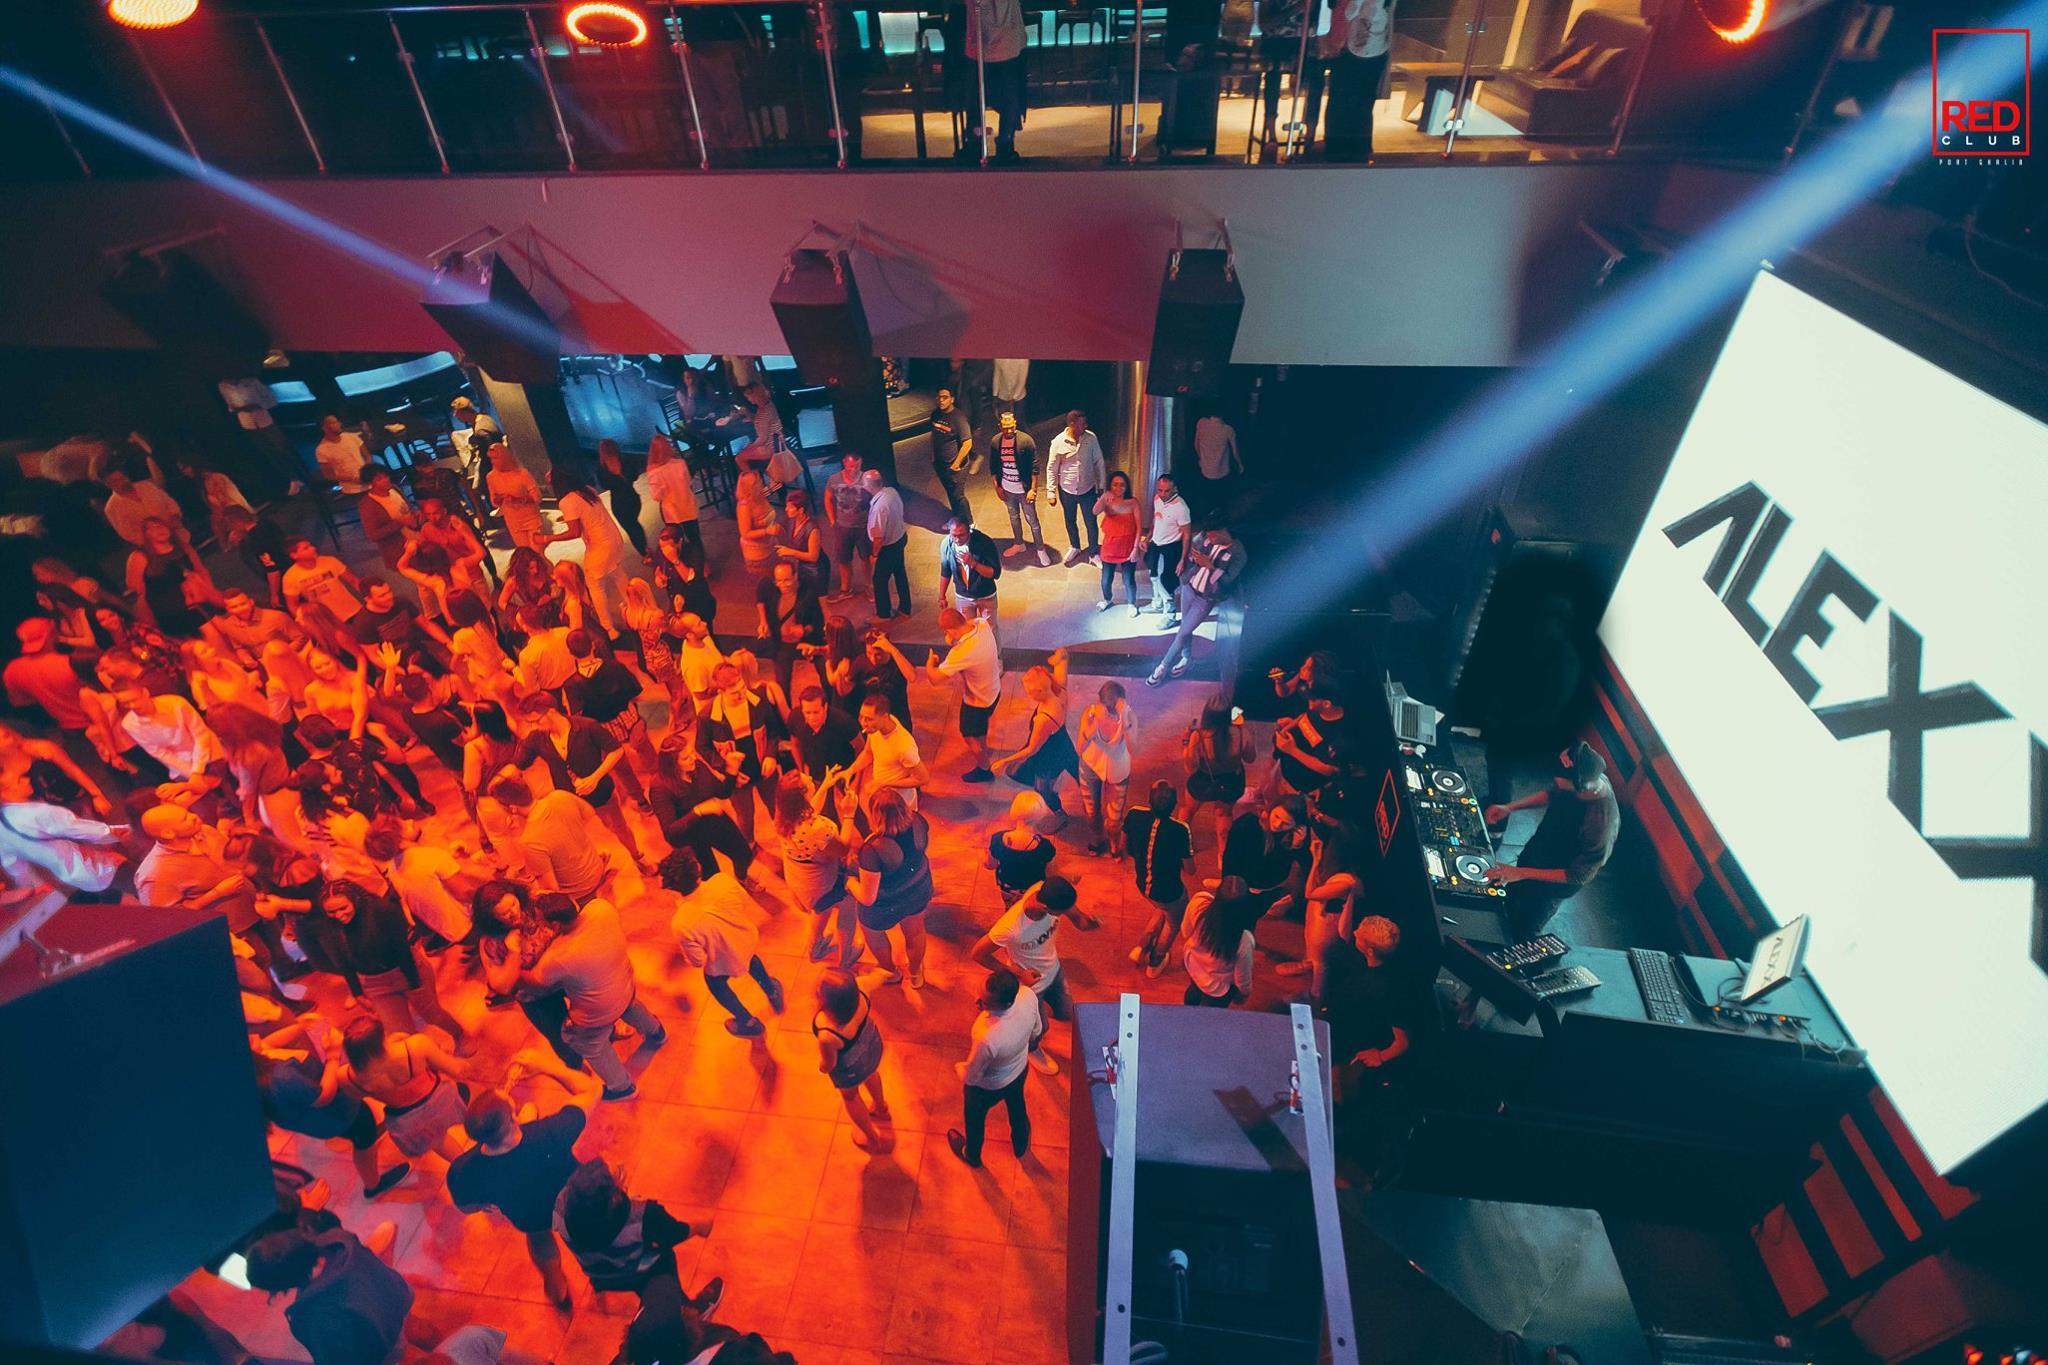 Red Club Port Ghalib